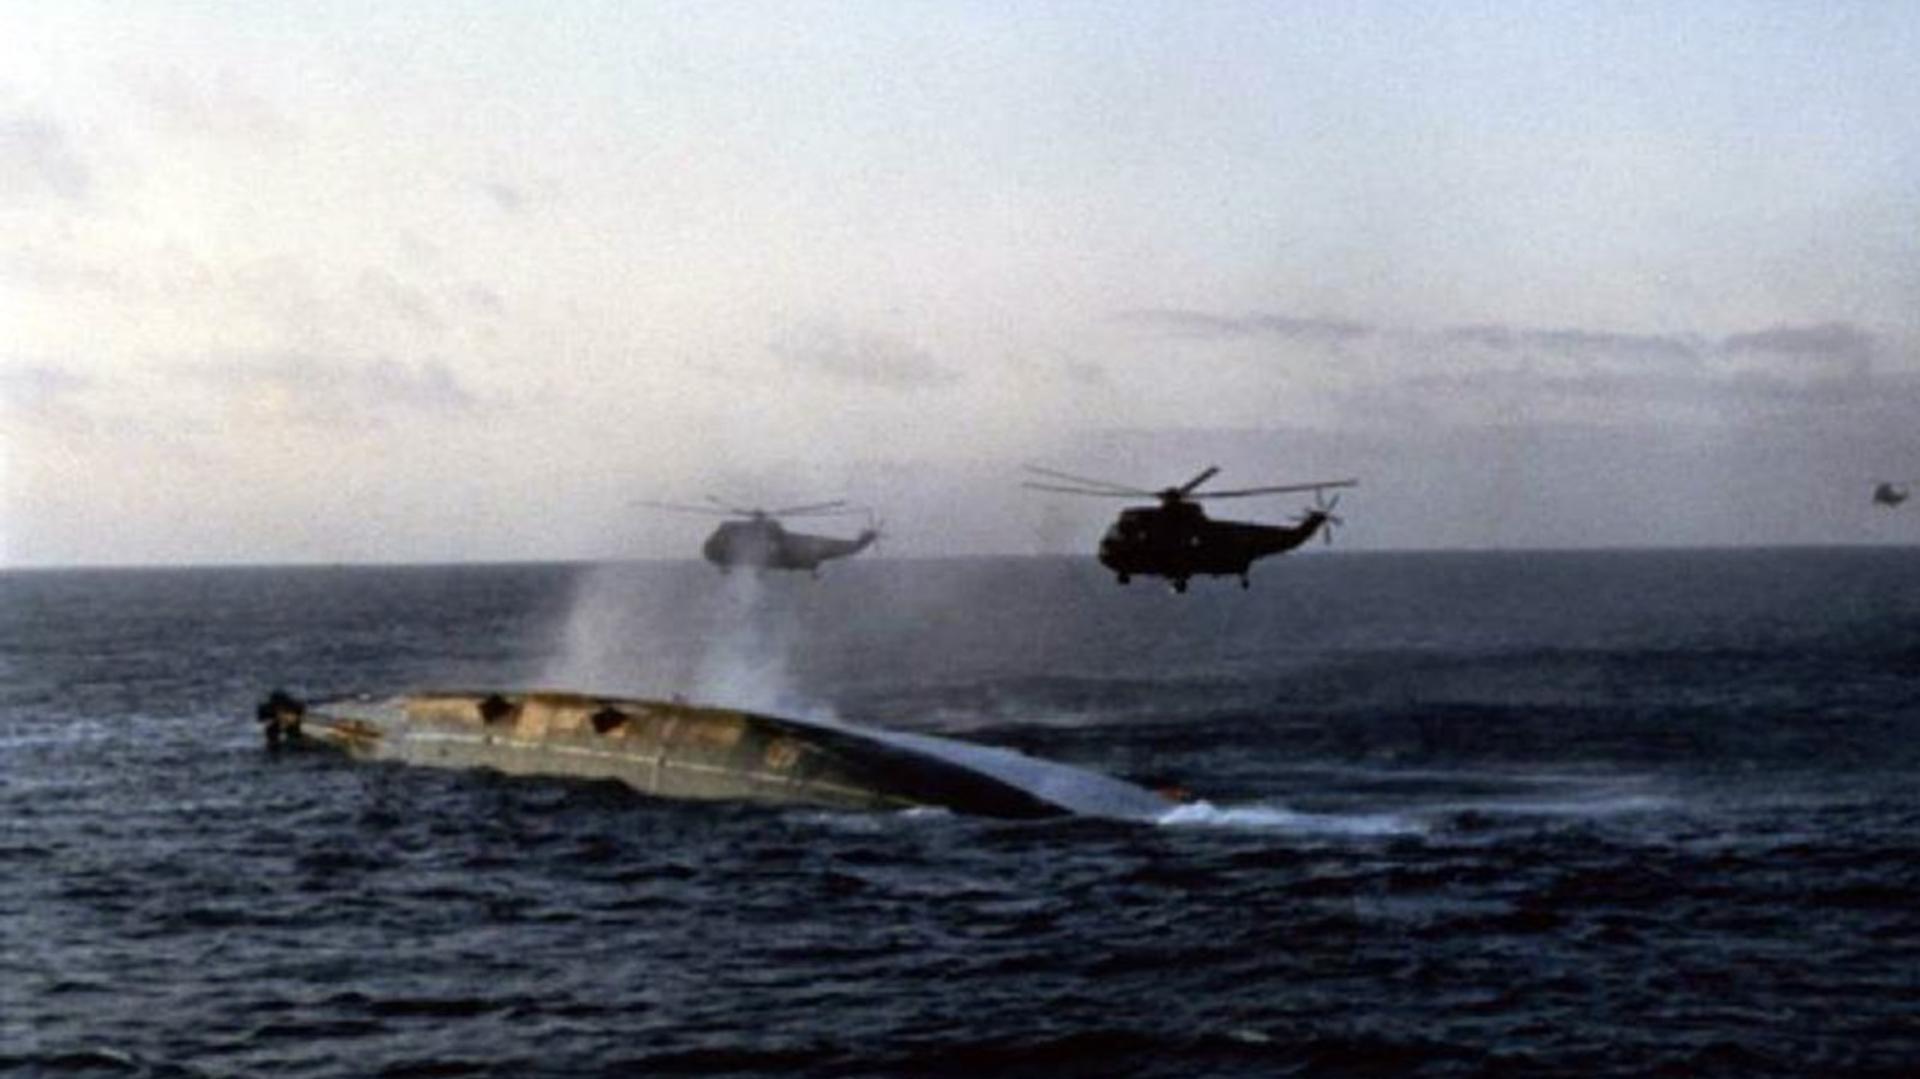 Las tropas de la Royal Navy sufrieron 277 bajas y tuvieron 777 heridos. Durantela guerra 7 buques fueron hundidos o destruidos, 8 fueron dejados inactivos, 5 fueron dañados y 10 averiados